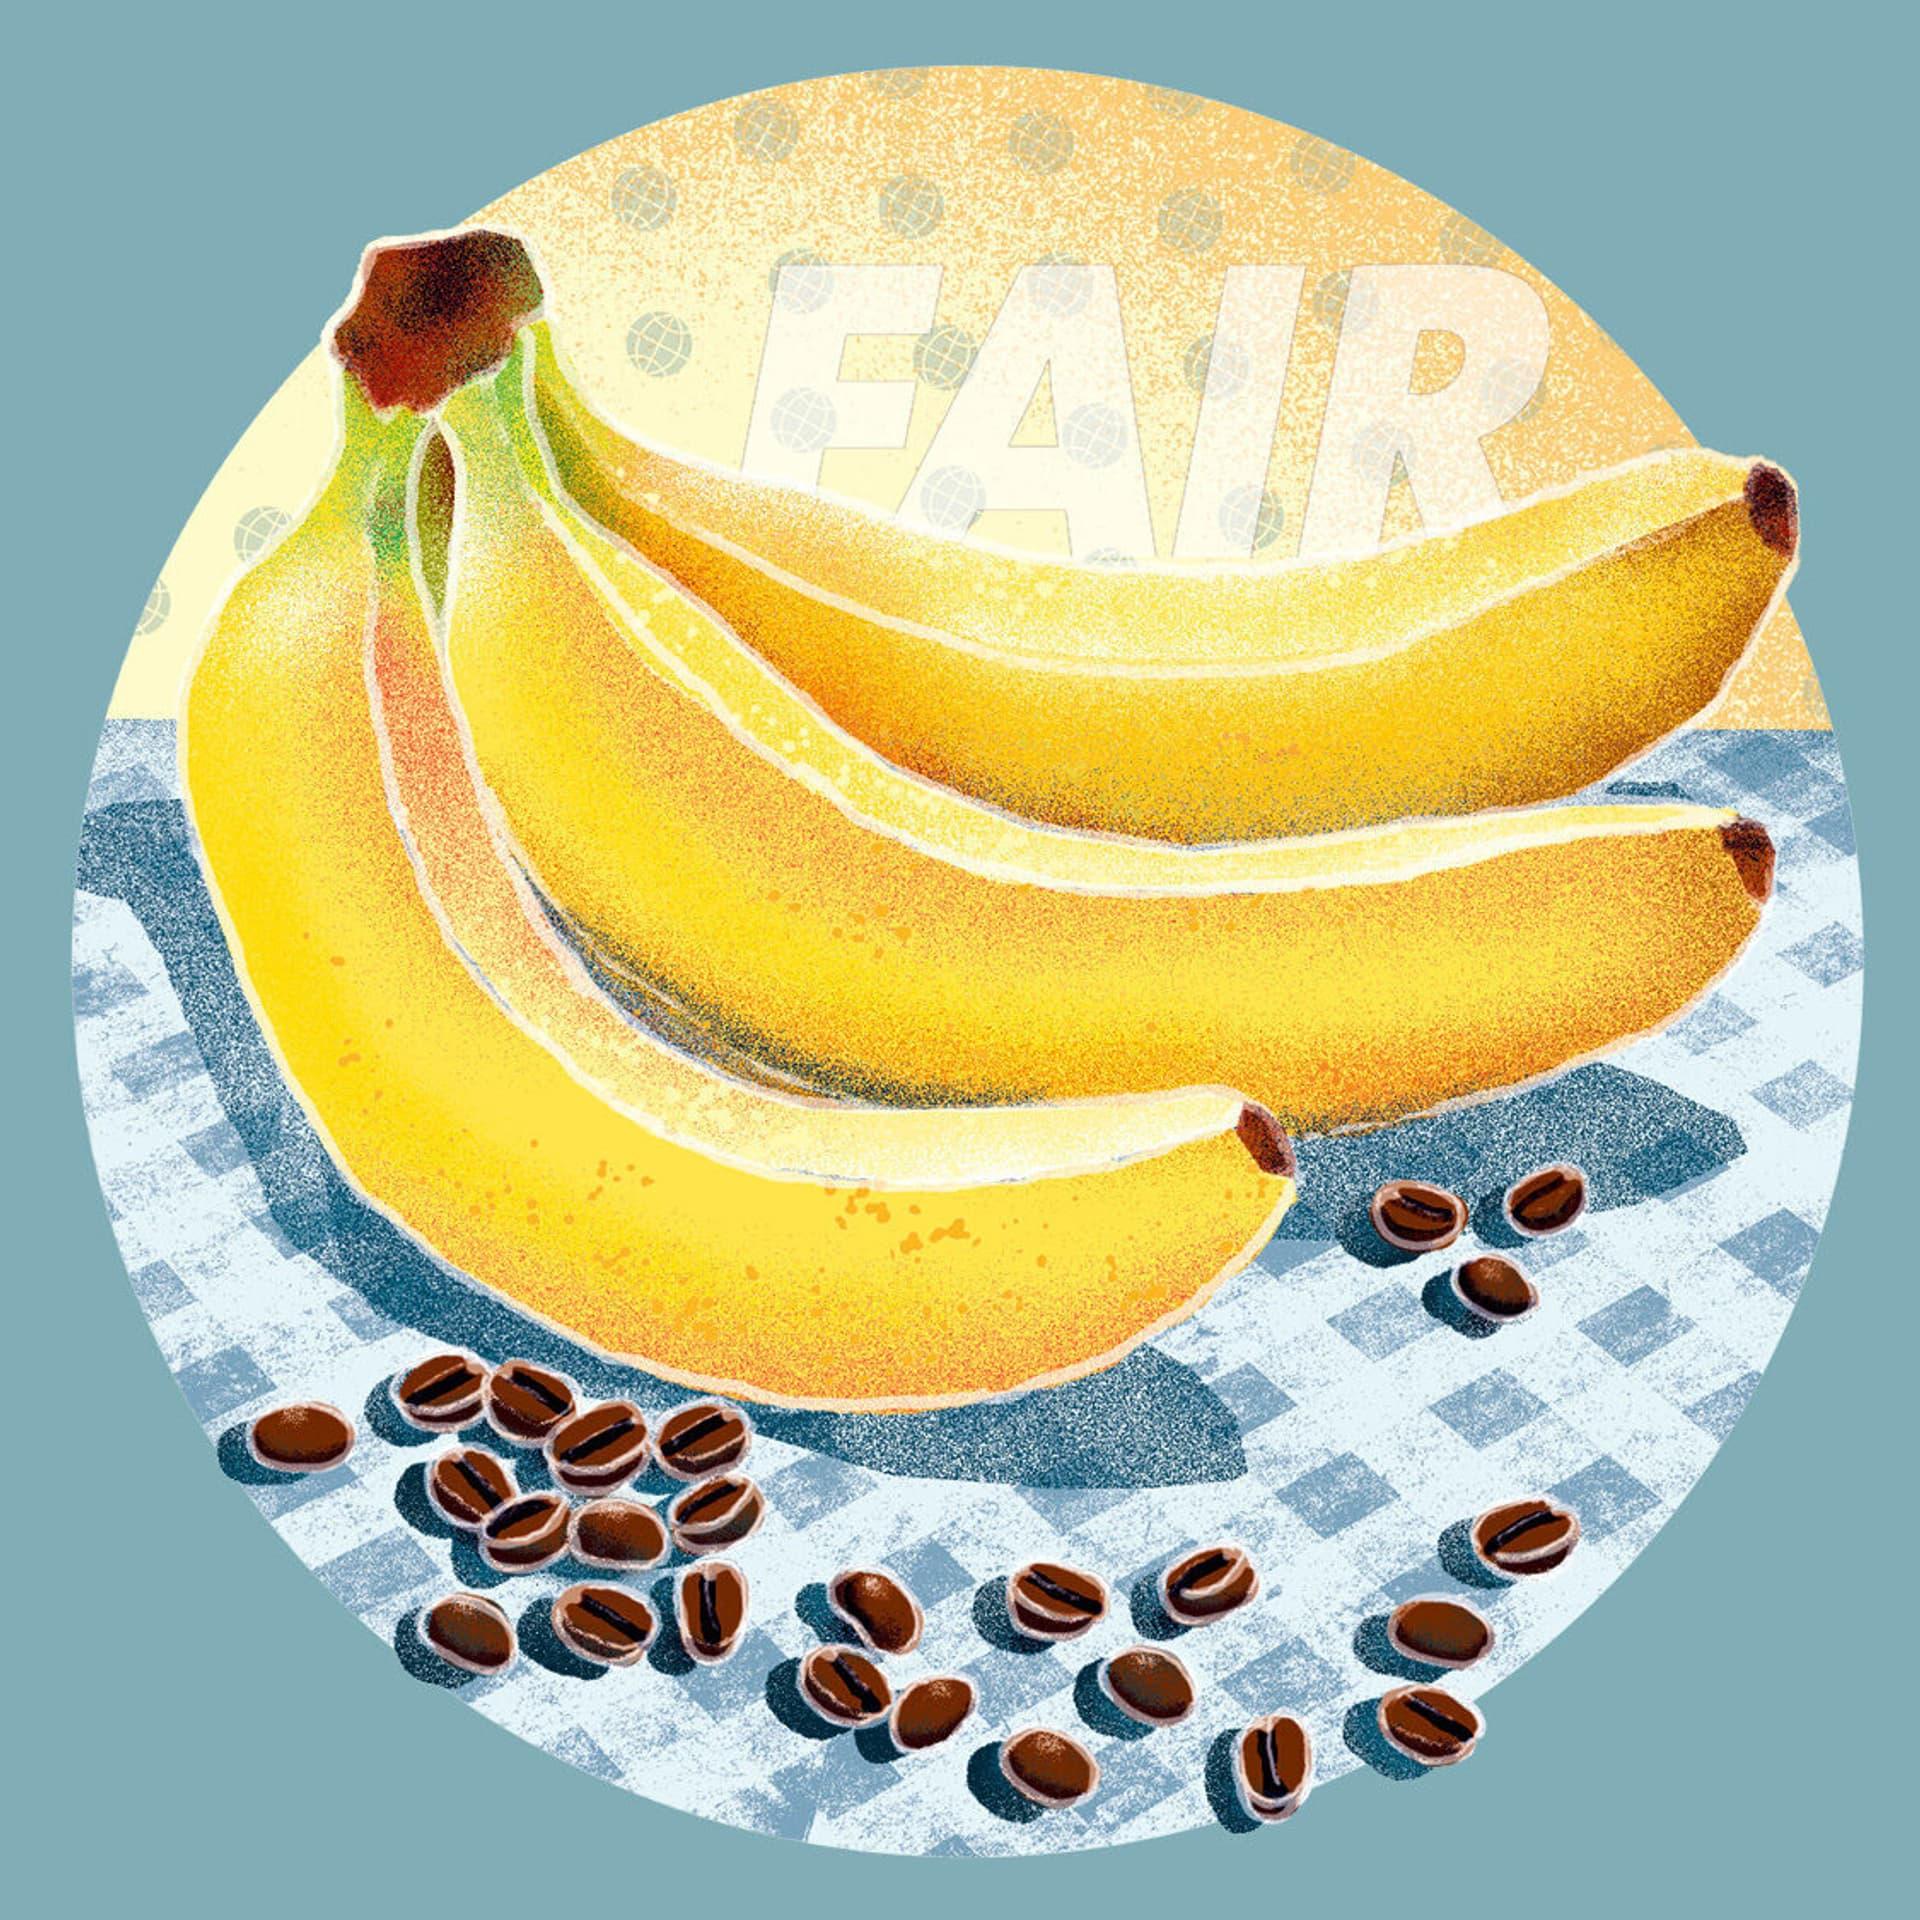 Illustration mit Bananen und Kaffebohnen auf einem Tisch, dahinter der Schriftzug Fair.